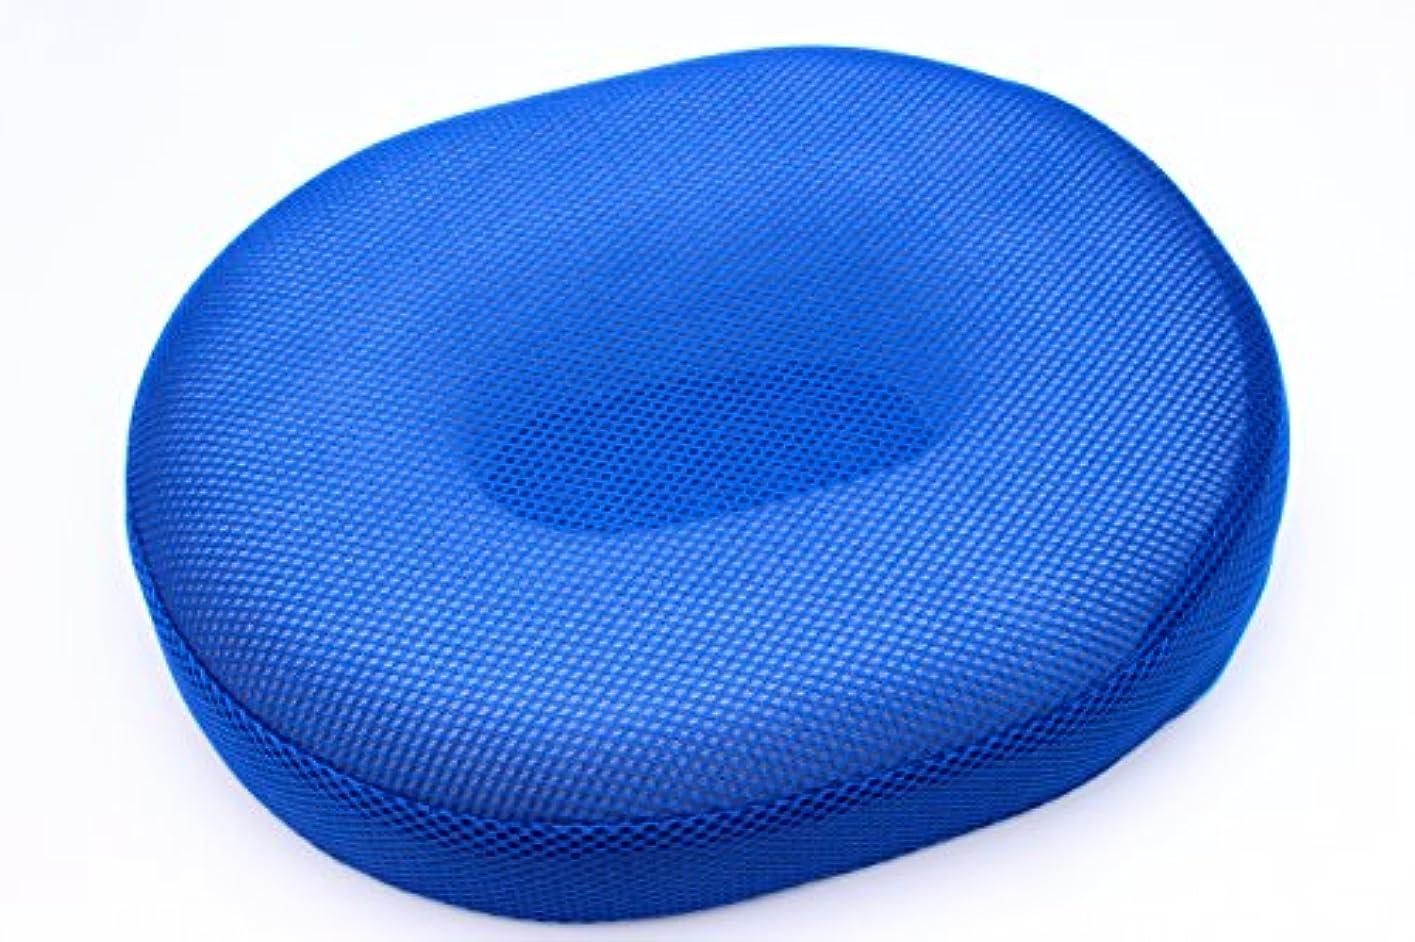 縫い目管理開いた円座 ちょっと硬め ドーナツ型 クッション メッシュ?スウェード (ブルー(メッシュ))